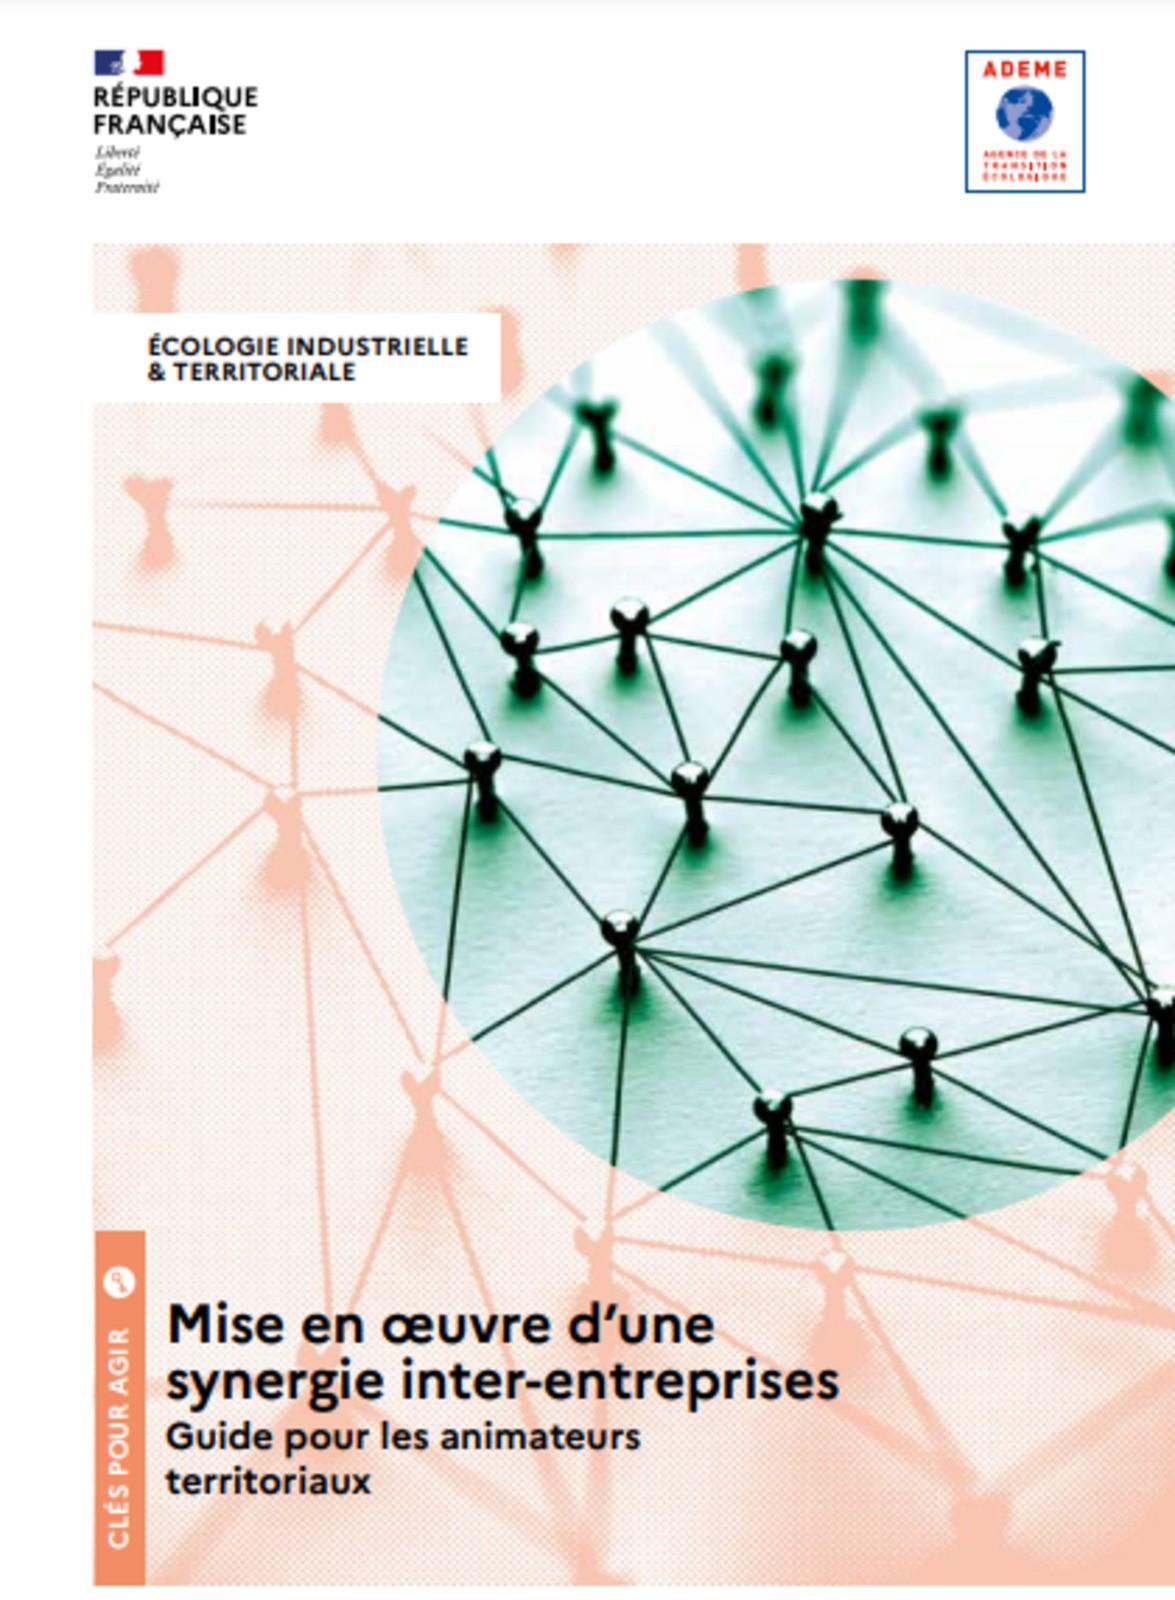 Guide ADEME d'accompagnement à la mise en oeuvre d'une synergie d'Écologie Industrielle et Territoriale à destination des animateurs de démarches